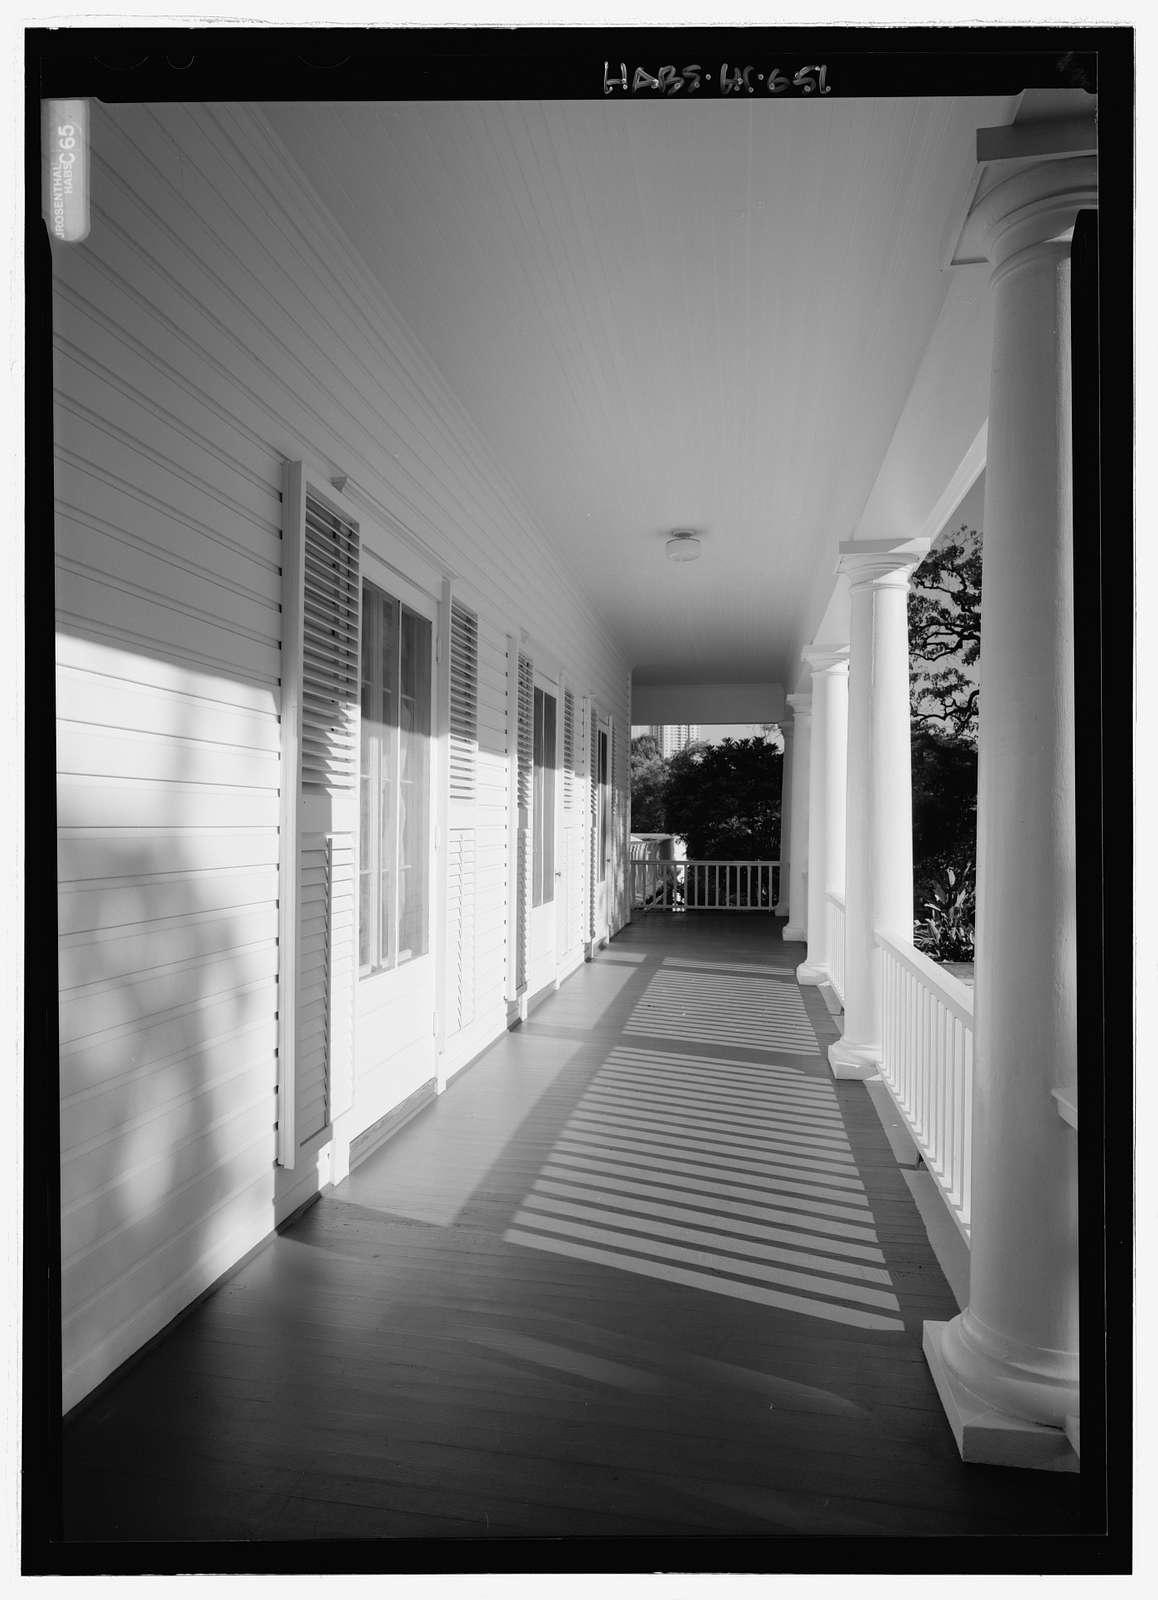 Washington Place, 320 South Beretania Street, Honolulu, Honolulu County, HI